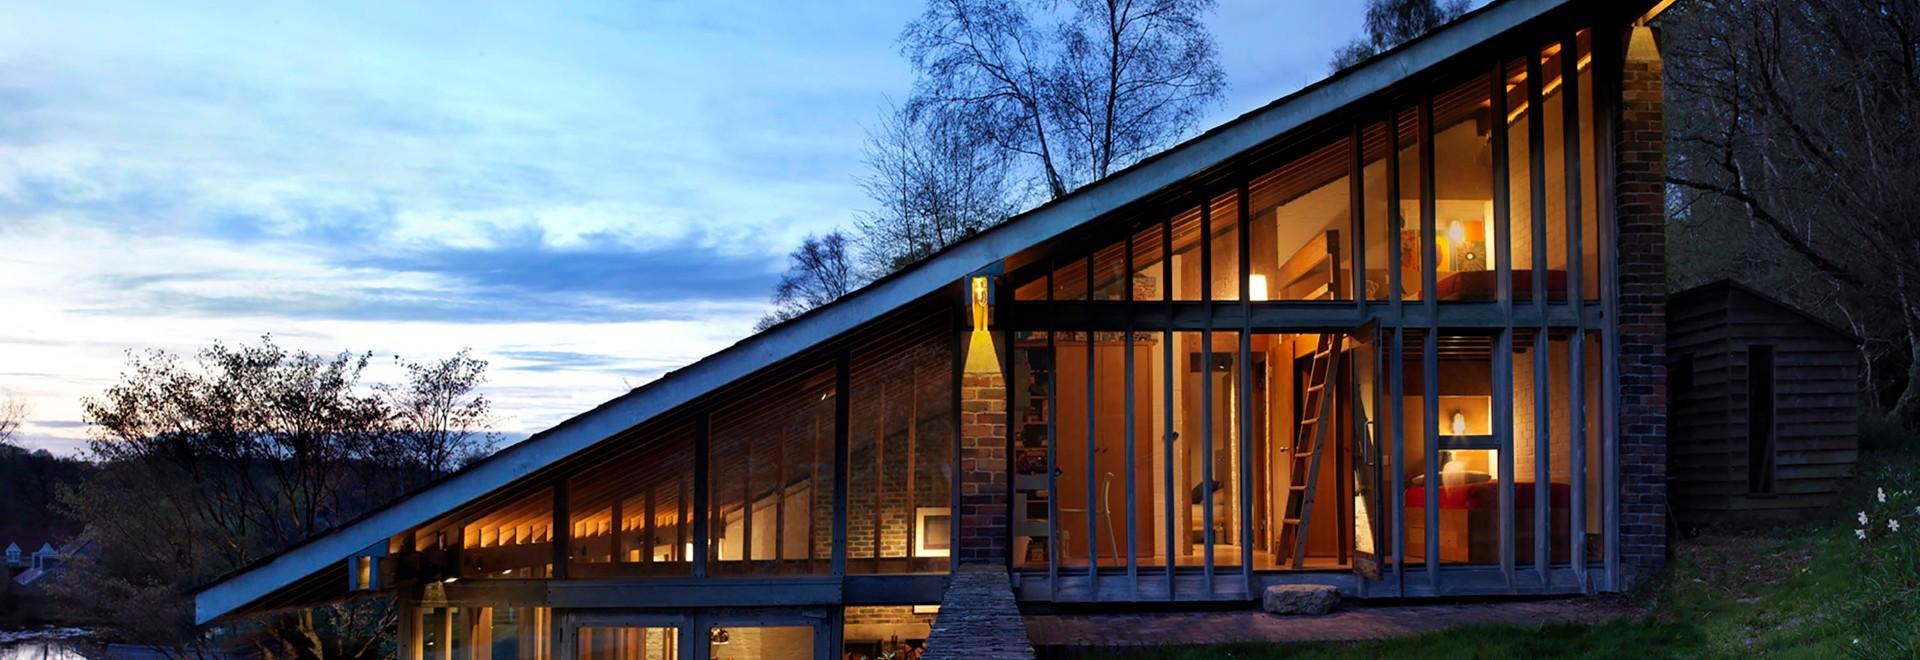 Ai confini dell'architettura